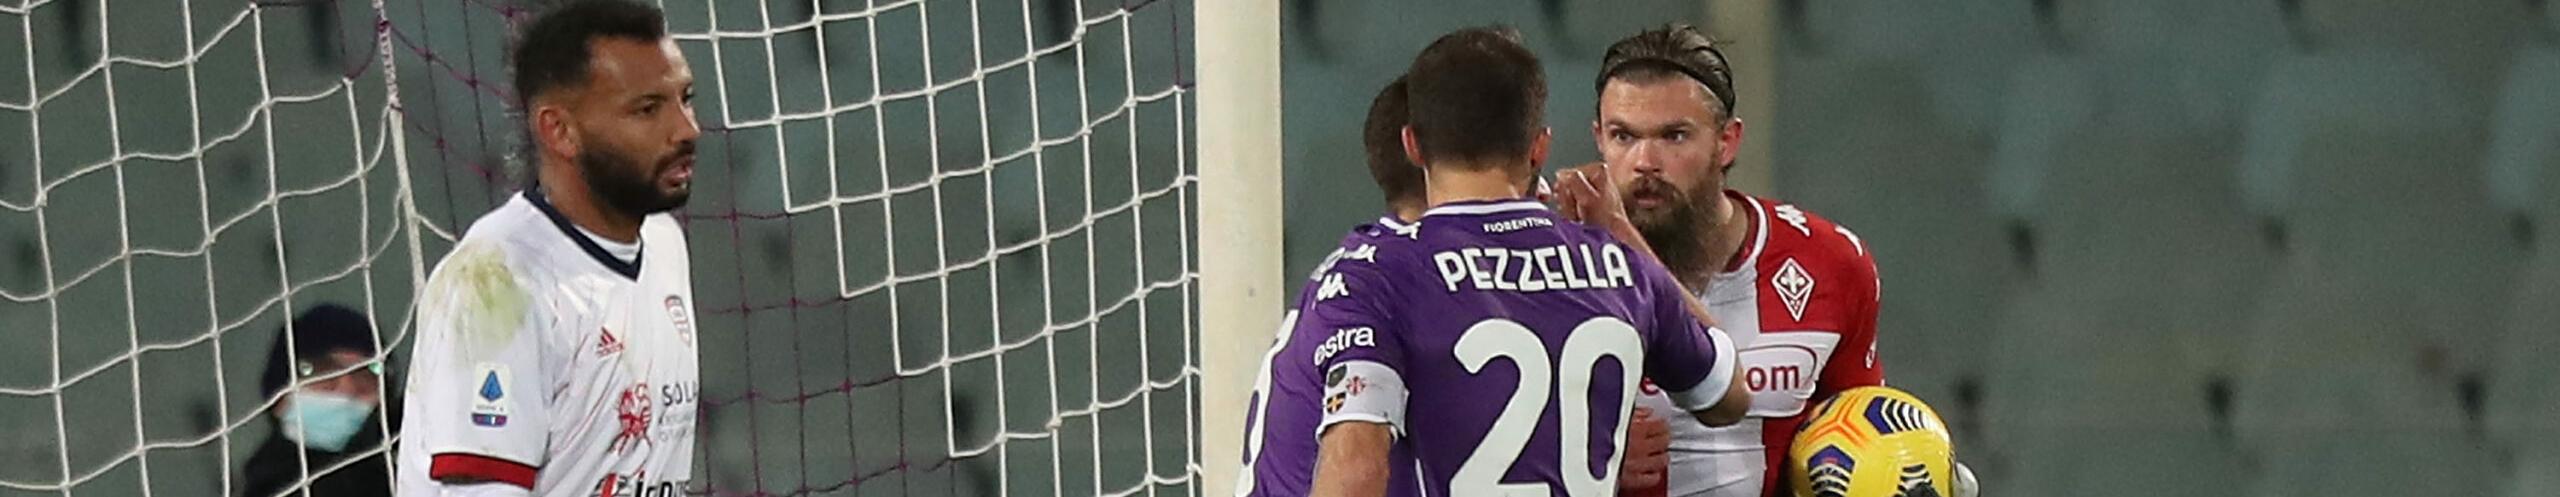 Cagliari-Fiorentina, spareggio tra deluse a un passo dalla salvezza